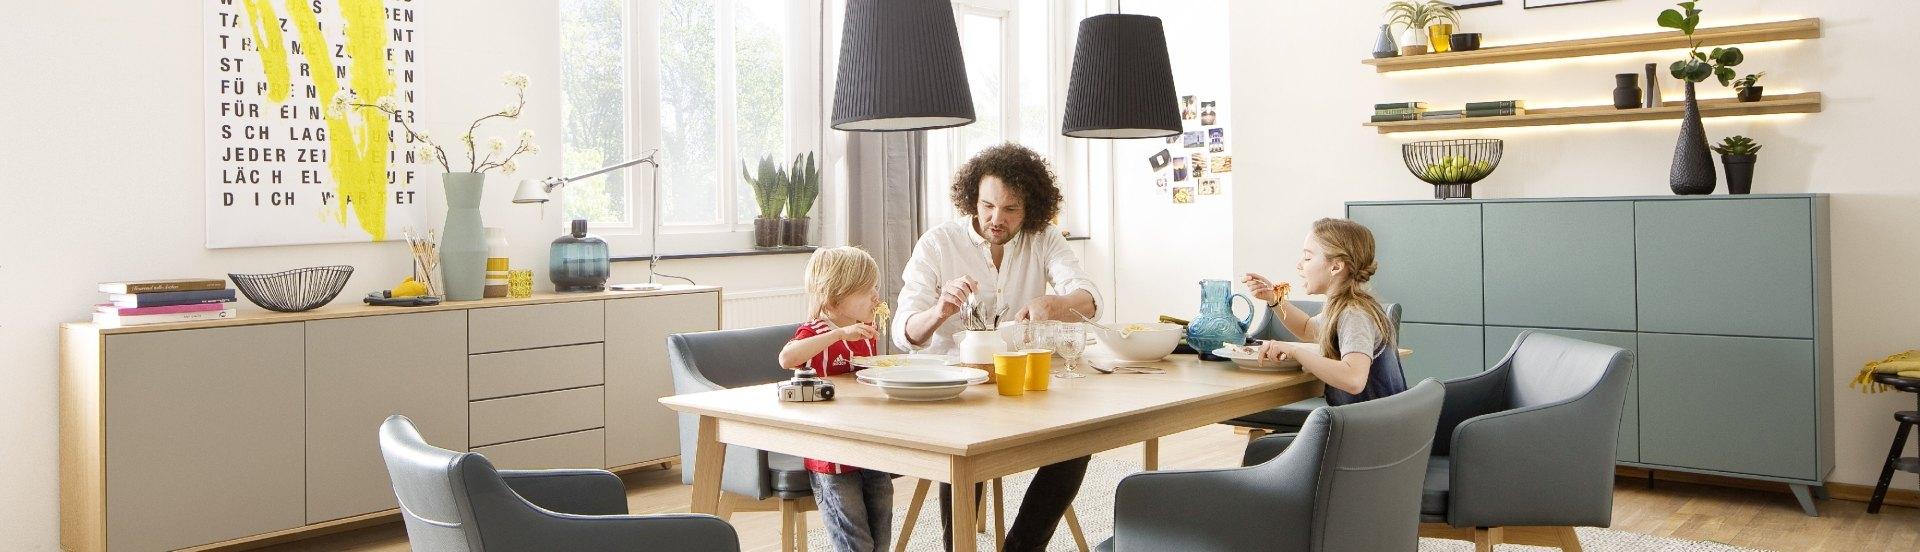 angebote m bel zwickau k chenstudio. Black Bedroom Furniture Sets. Home Design Ideas